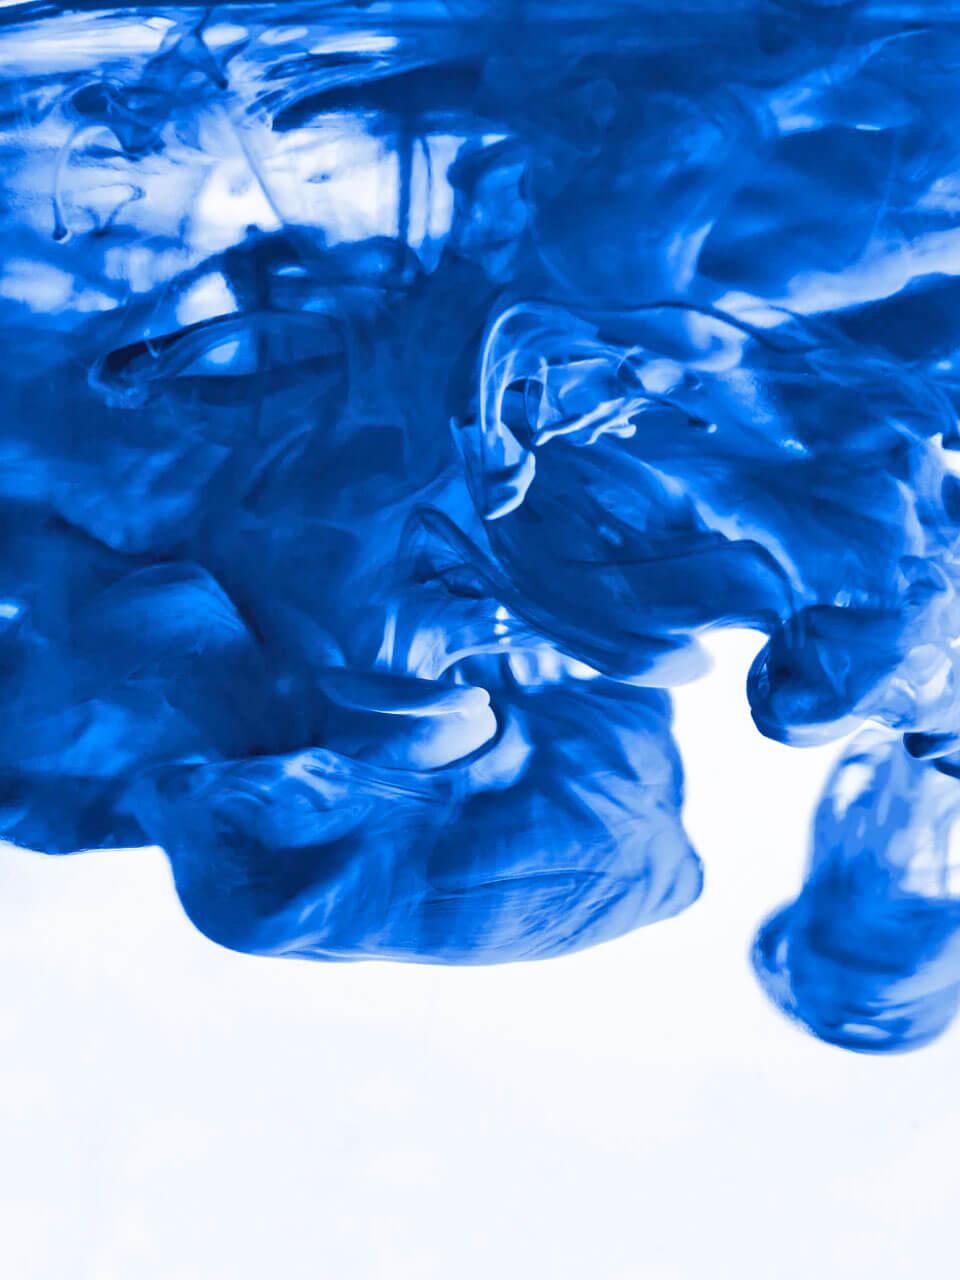 Swirling Blue Dye